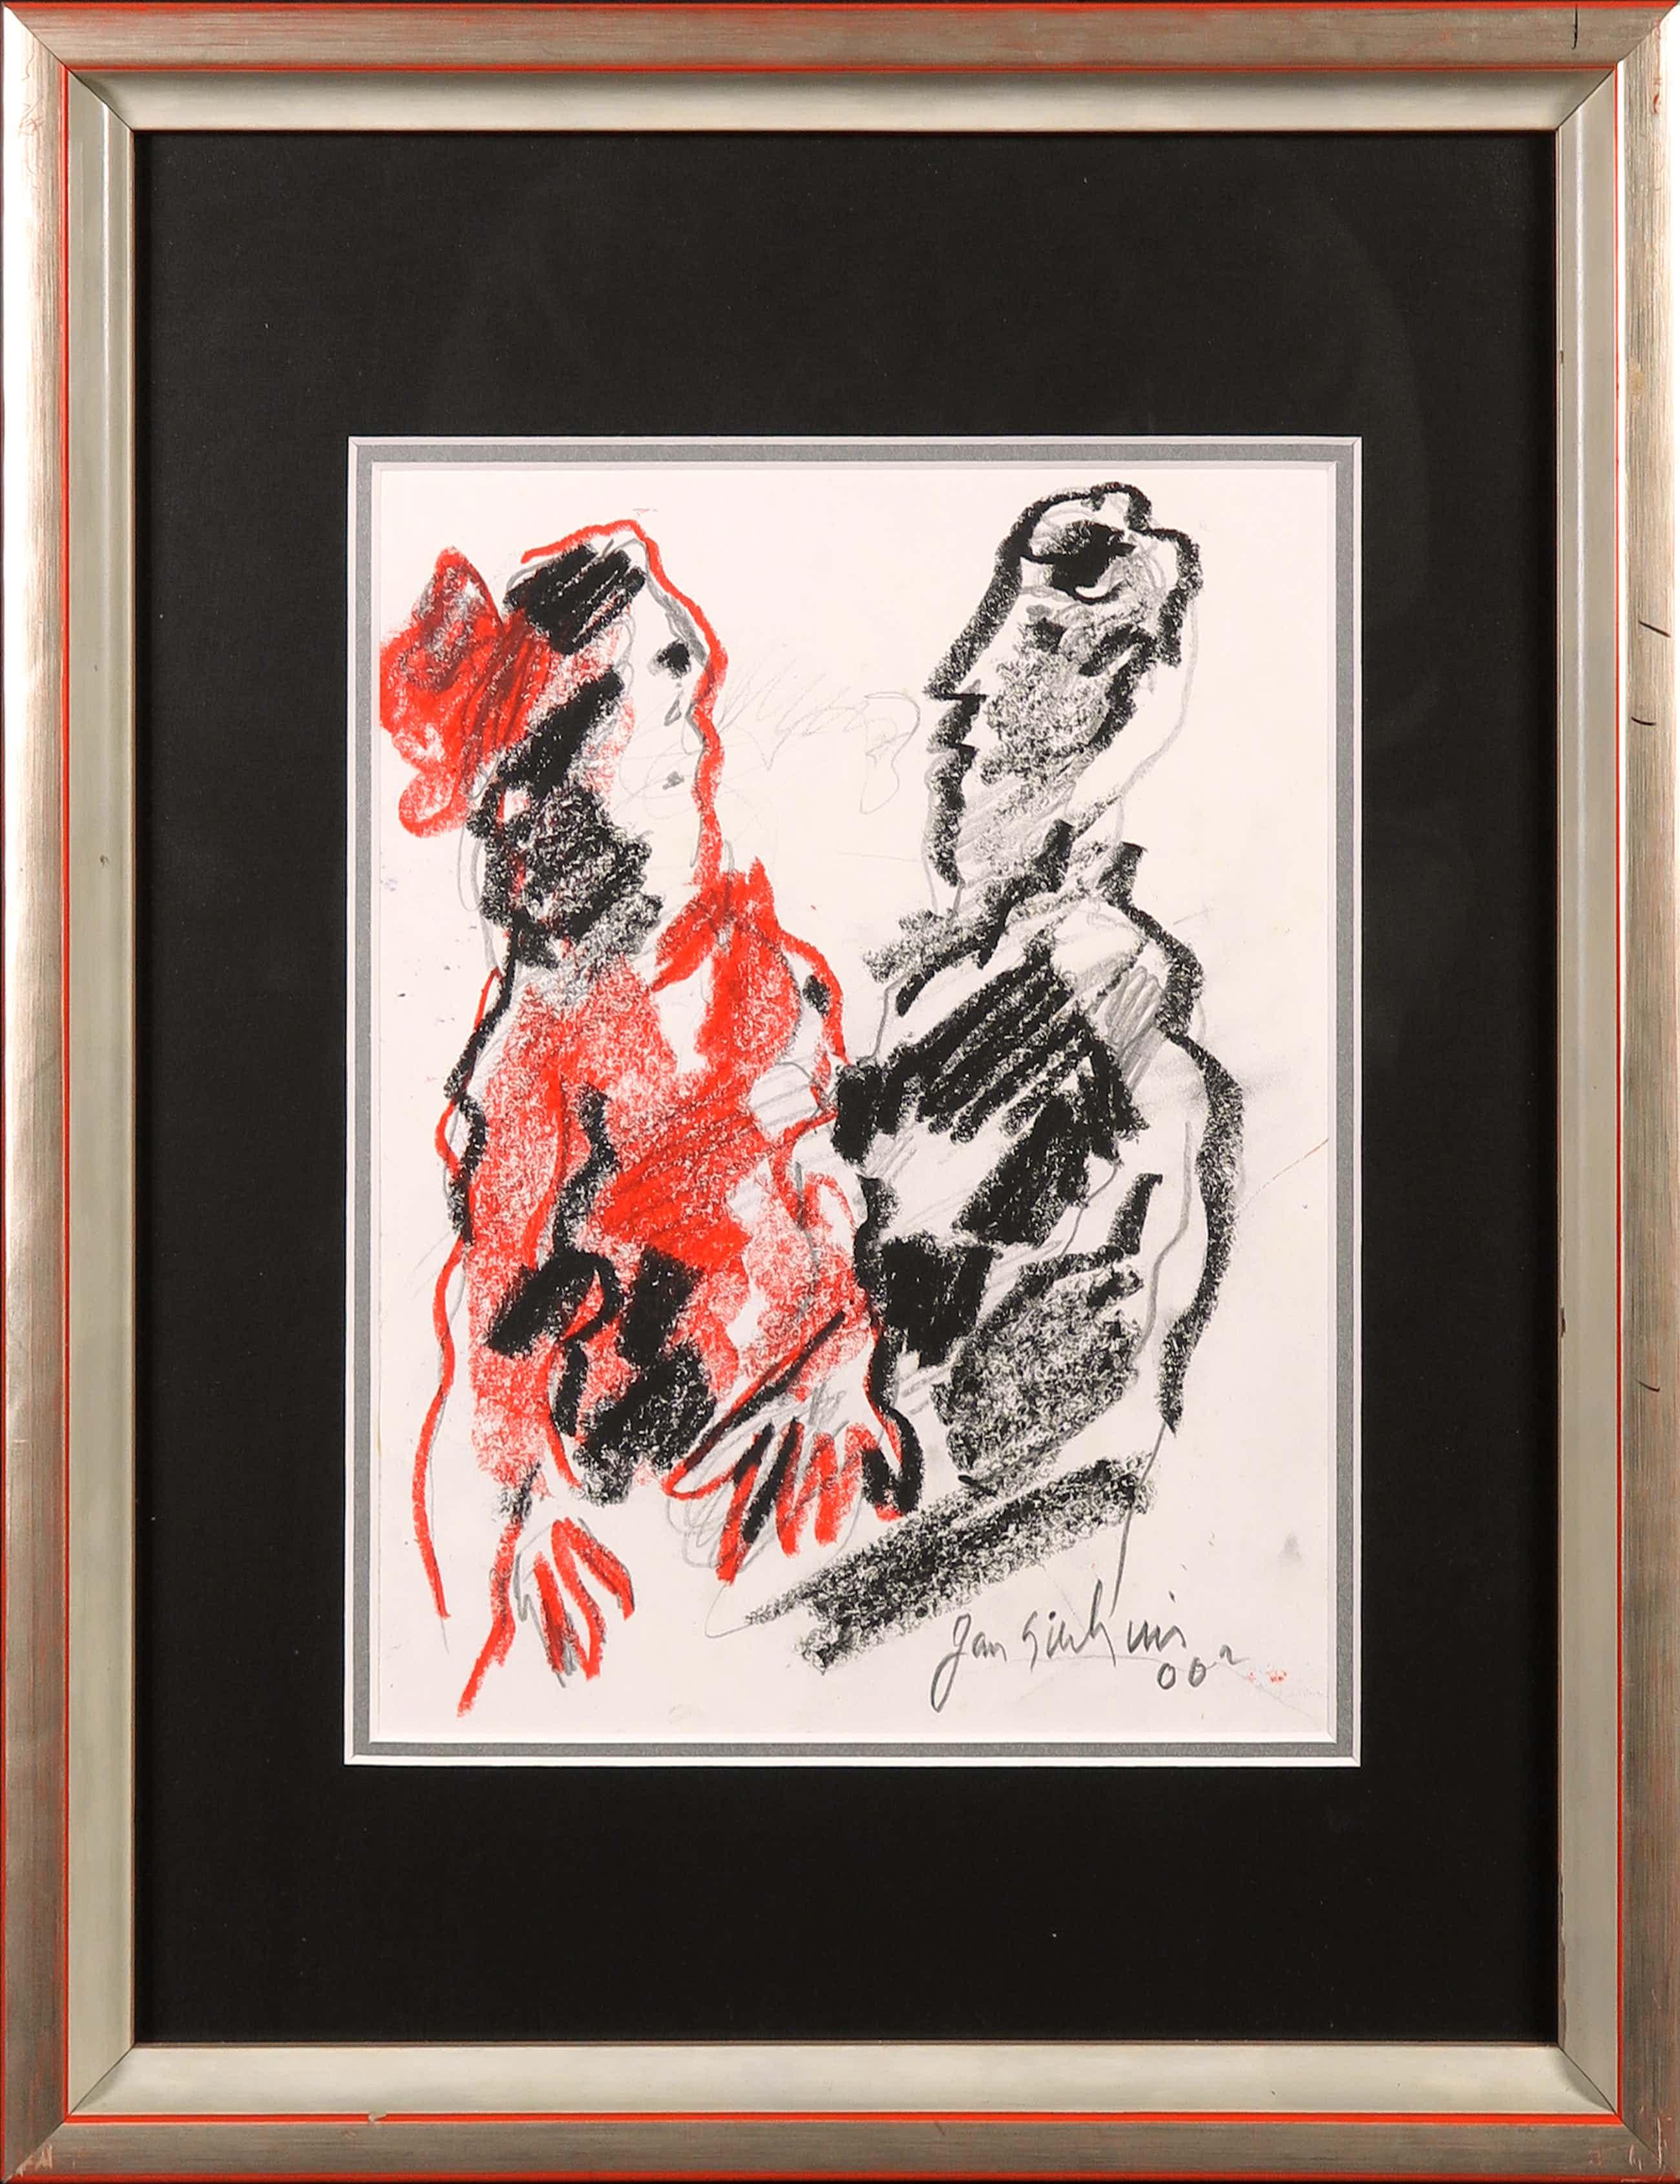 Jan Sierhuis - Pastelkrijt en potlood, Compositie met twee figuren kopen? Bied vanaf 280!